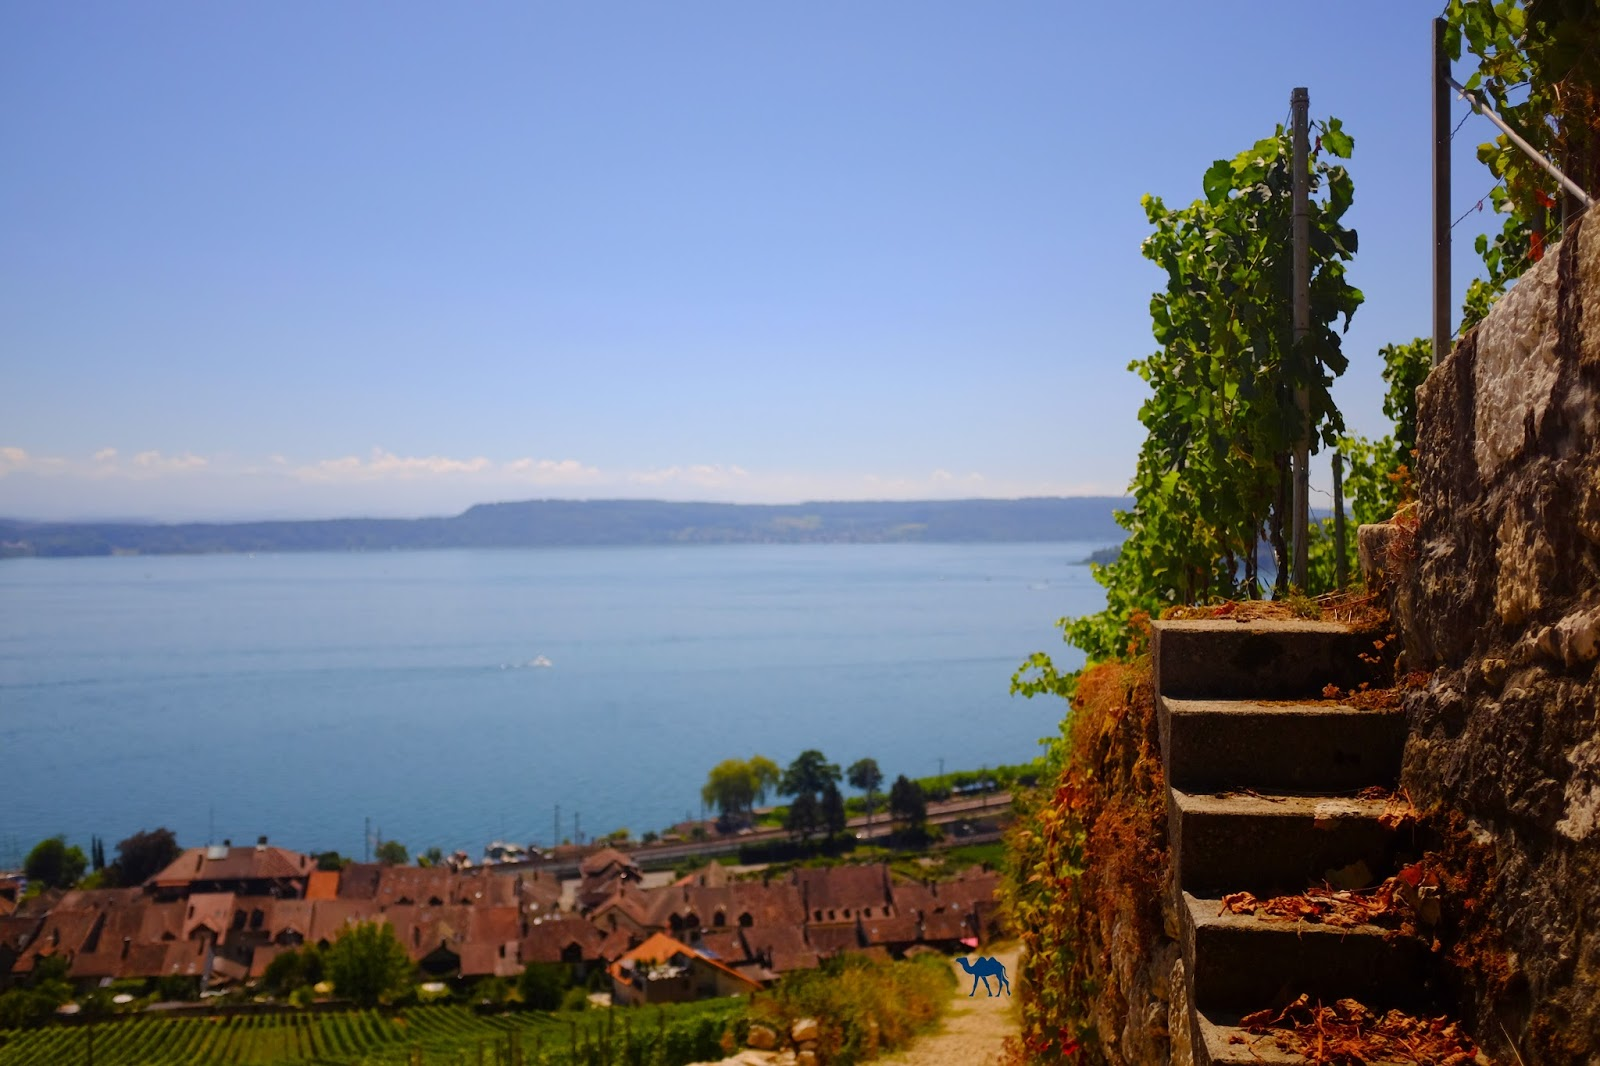 Le Chameau Bleu - Escalier de Bienne - Séjour en Suisse